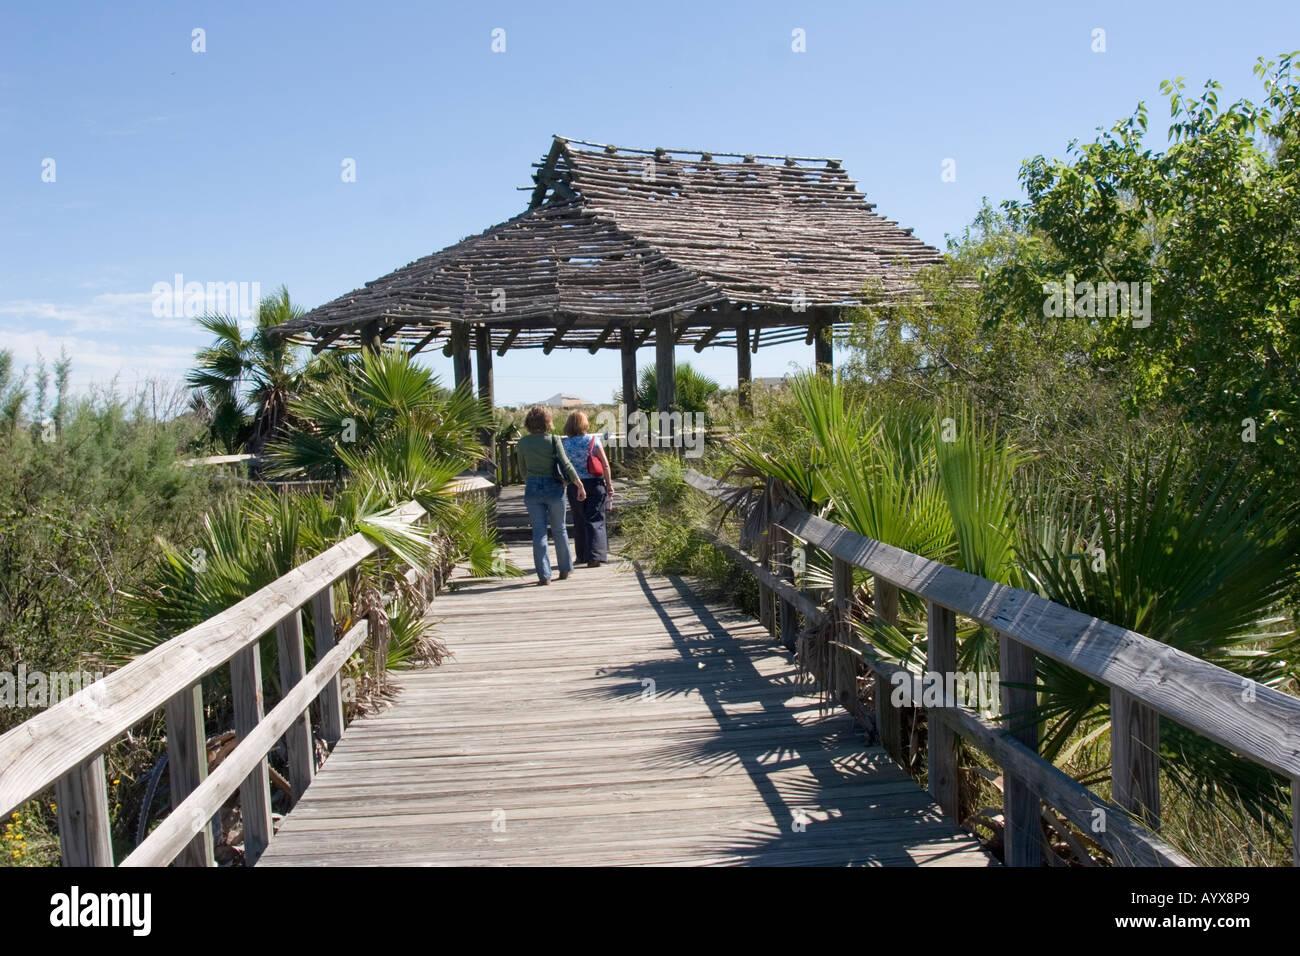 Corpus Christi Botanical Gardens U0026 Nature Center Has Become The SOUTH TEXAS  Botanical Gardens, Corpus Christi Texas TX USA